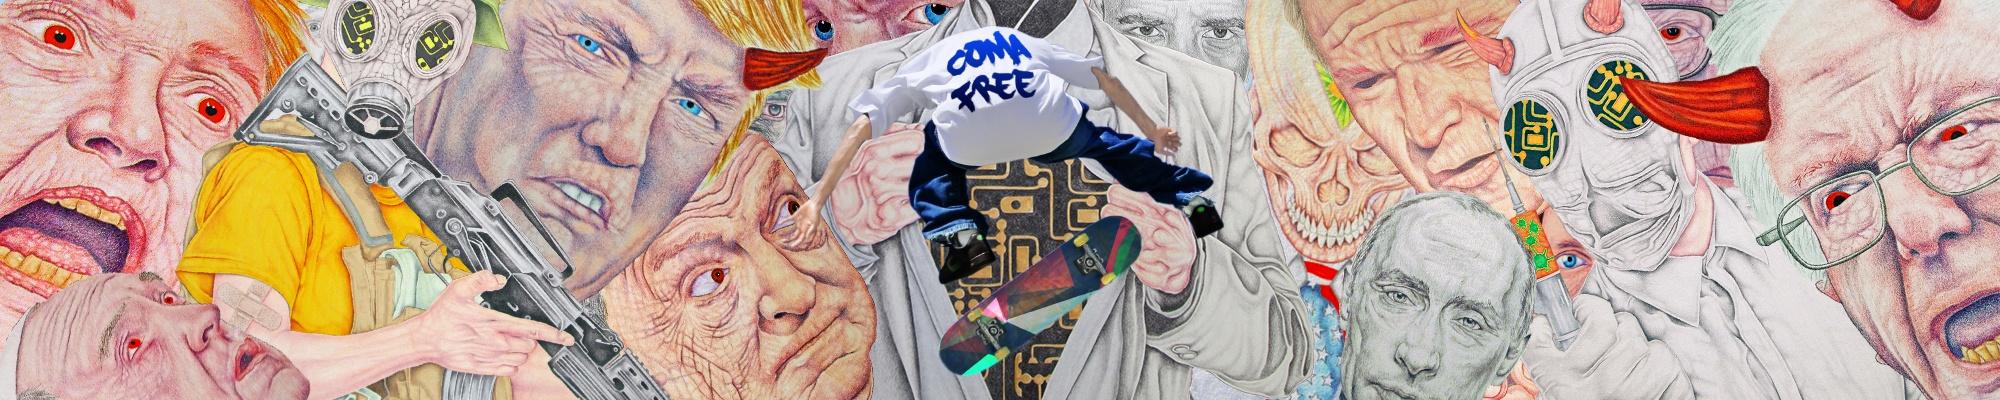 comafreeart Cover